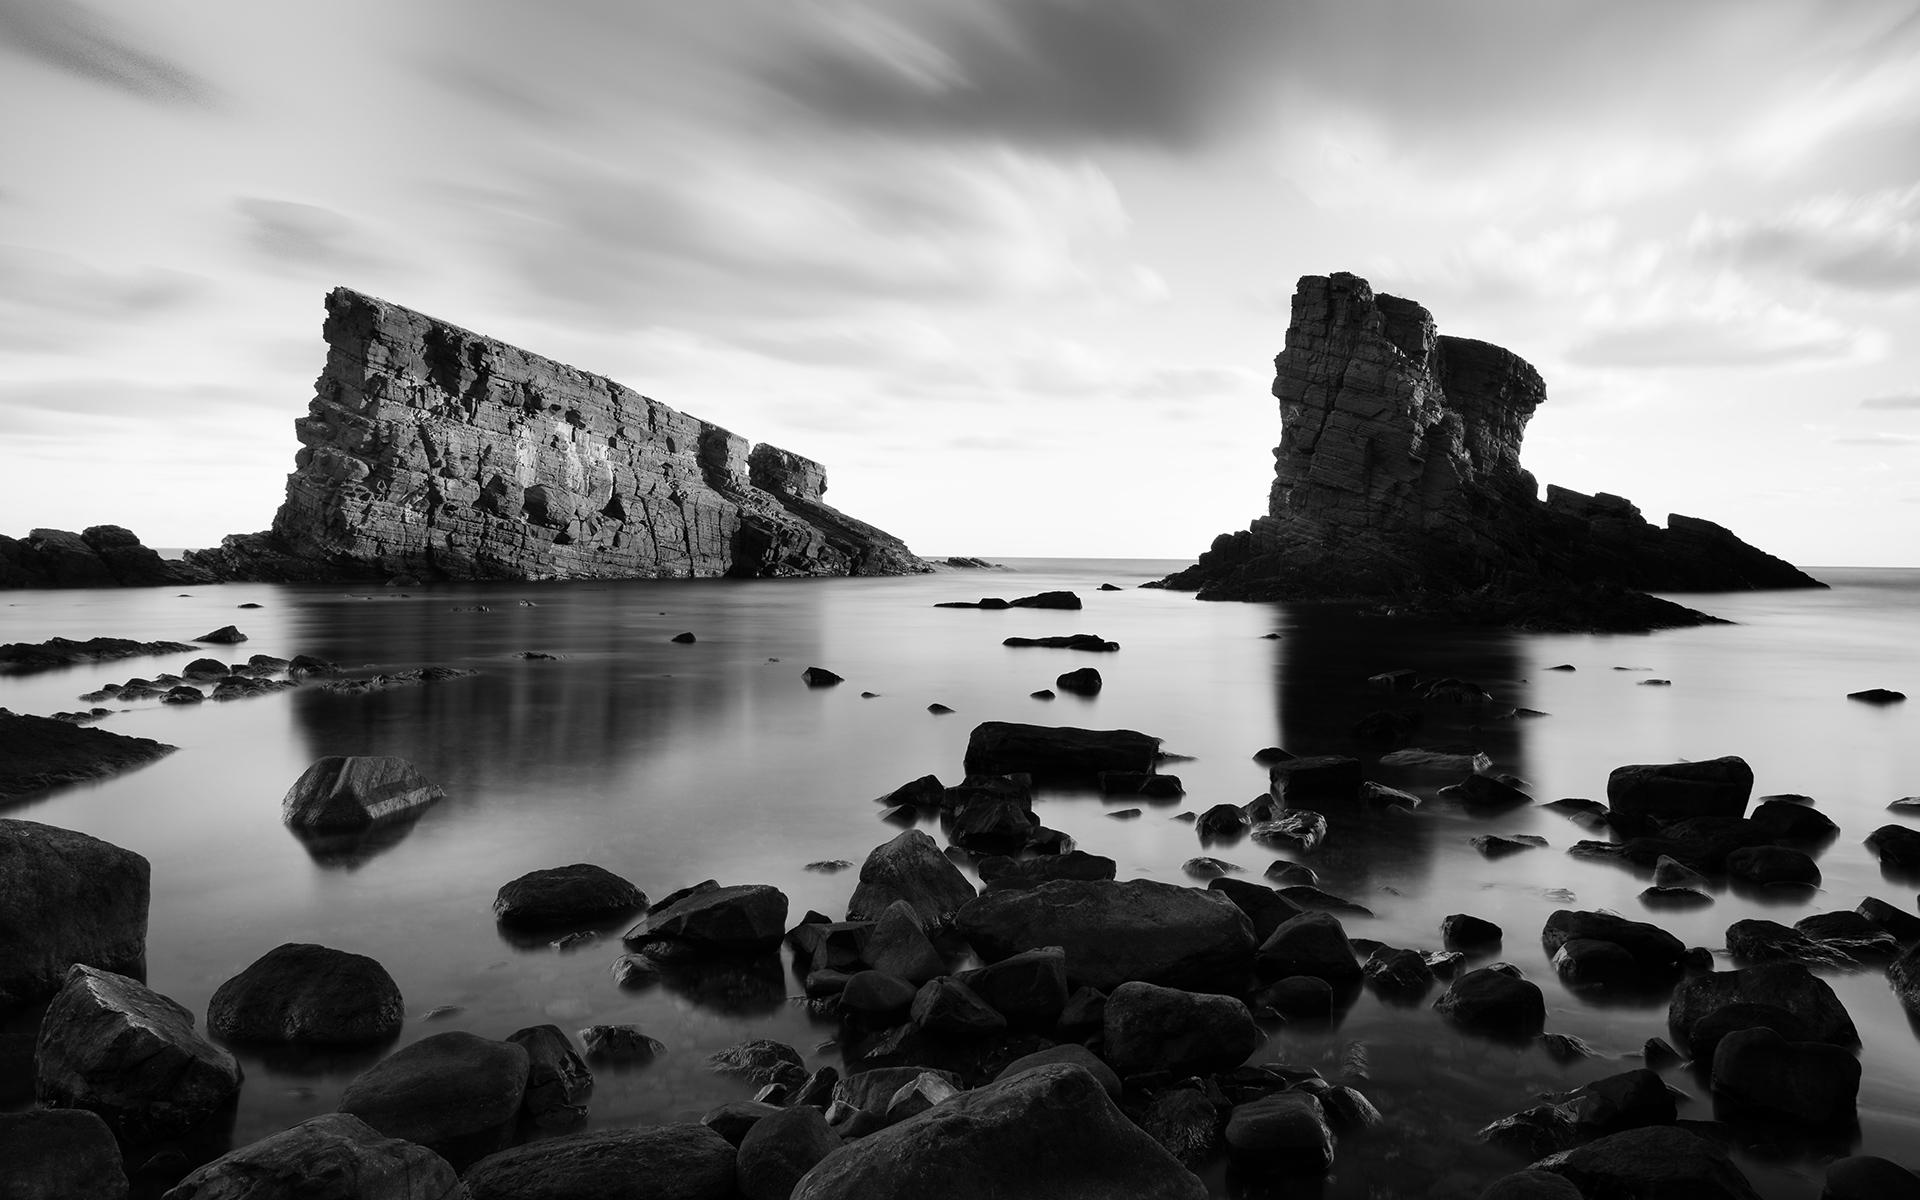 Вековните пазителите на брега | Author Tony Tanchevski - tanchevski | PHOTO FORUM